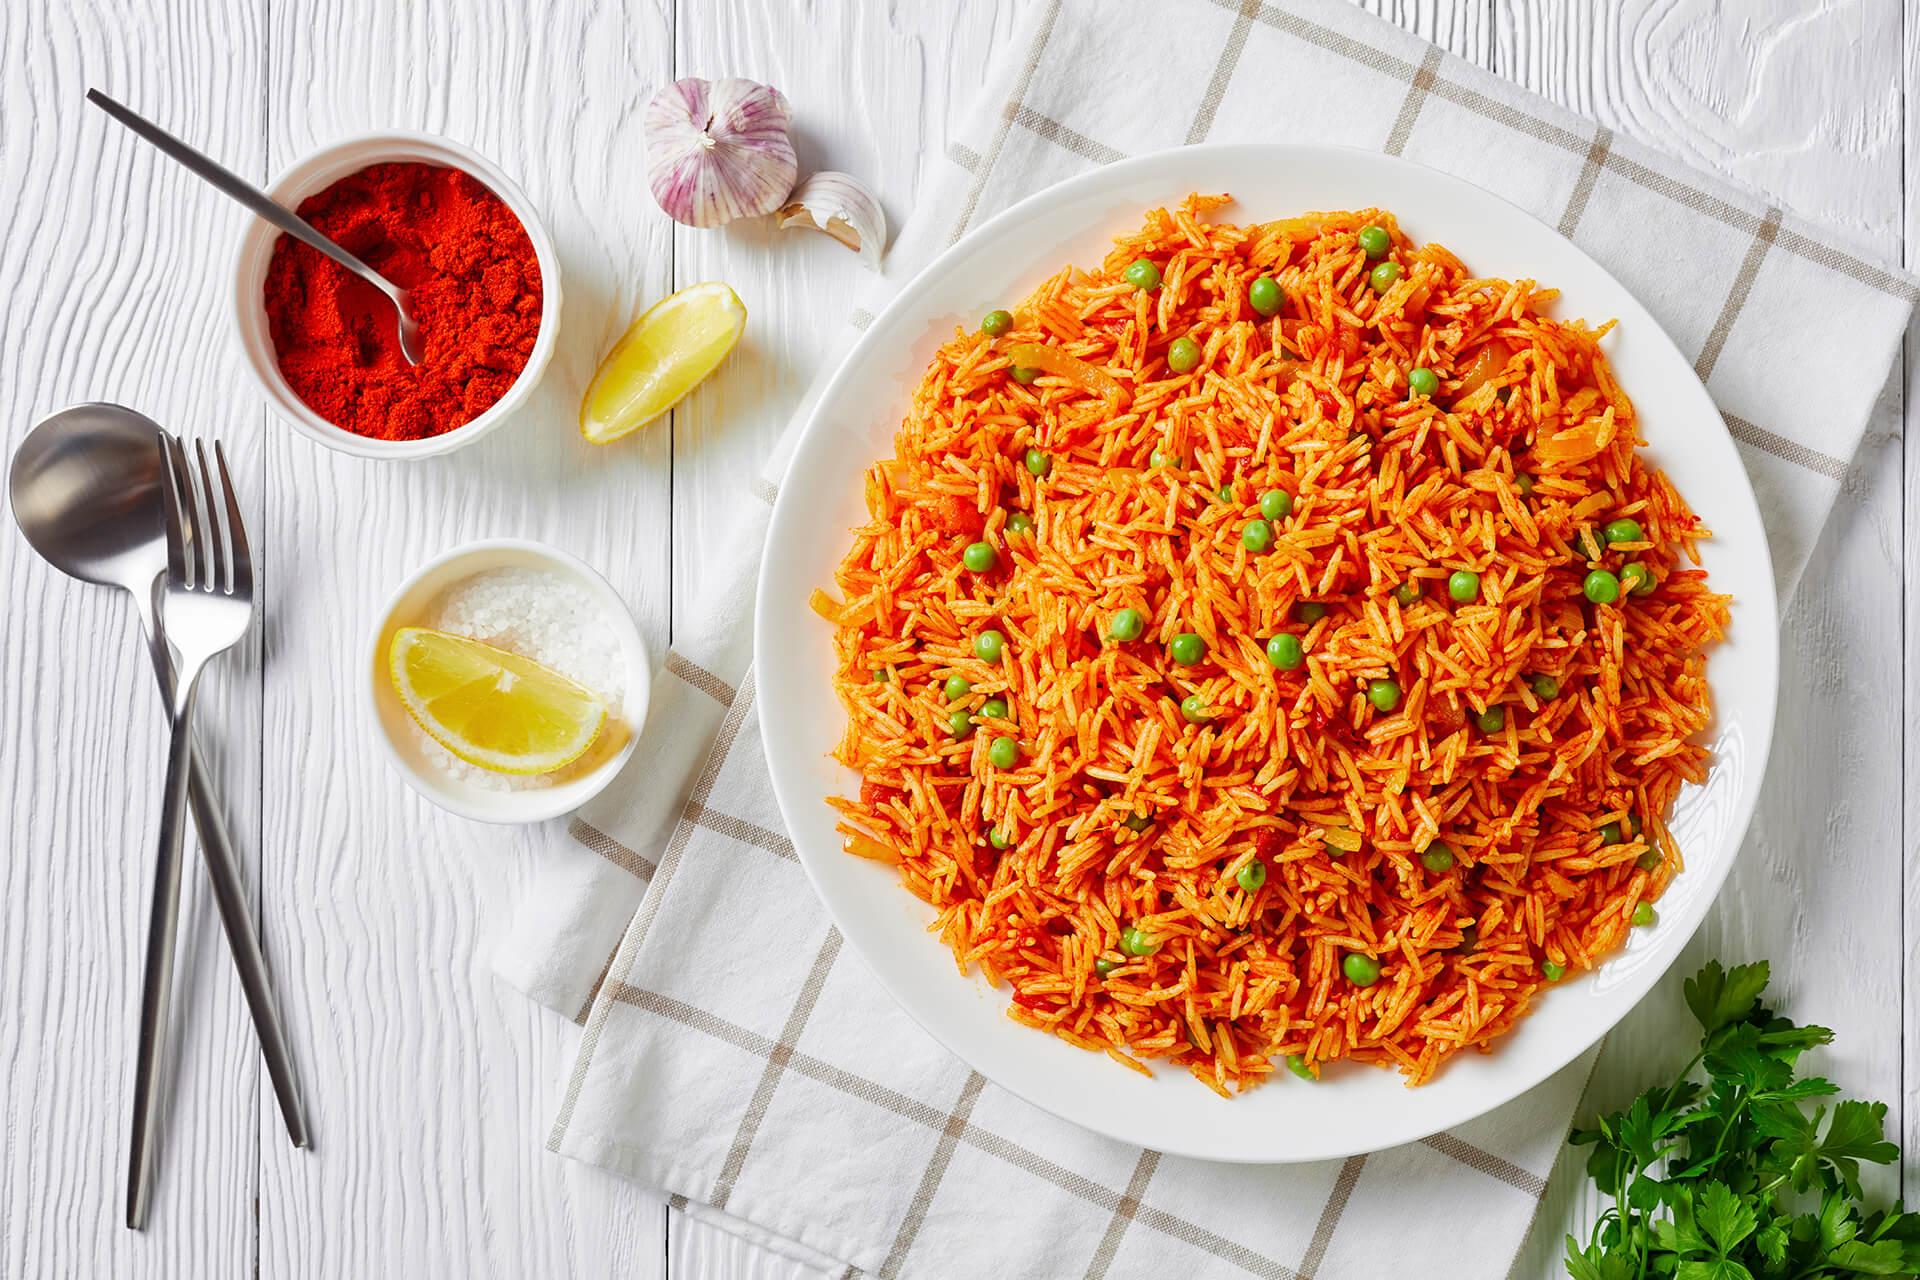 Abendessen: Tomatenreis mit Feta - Rezept Bild